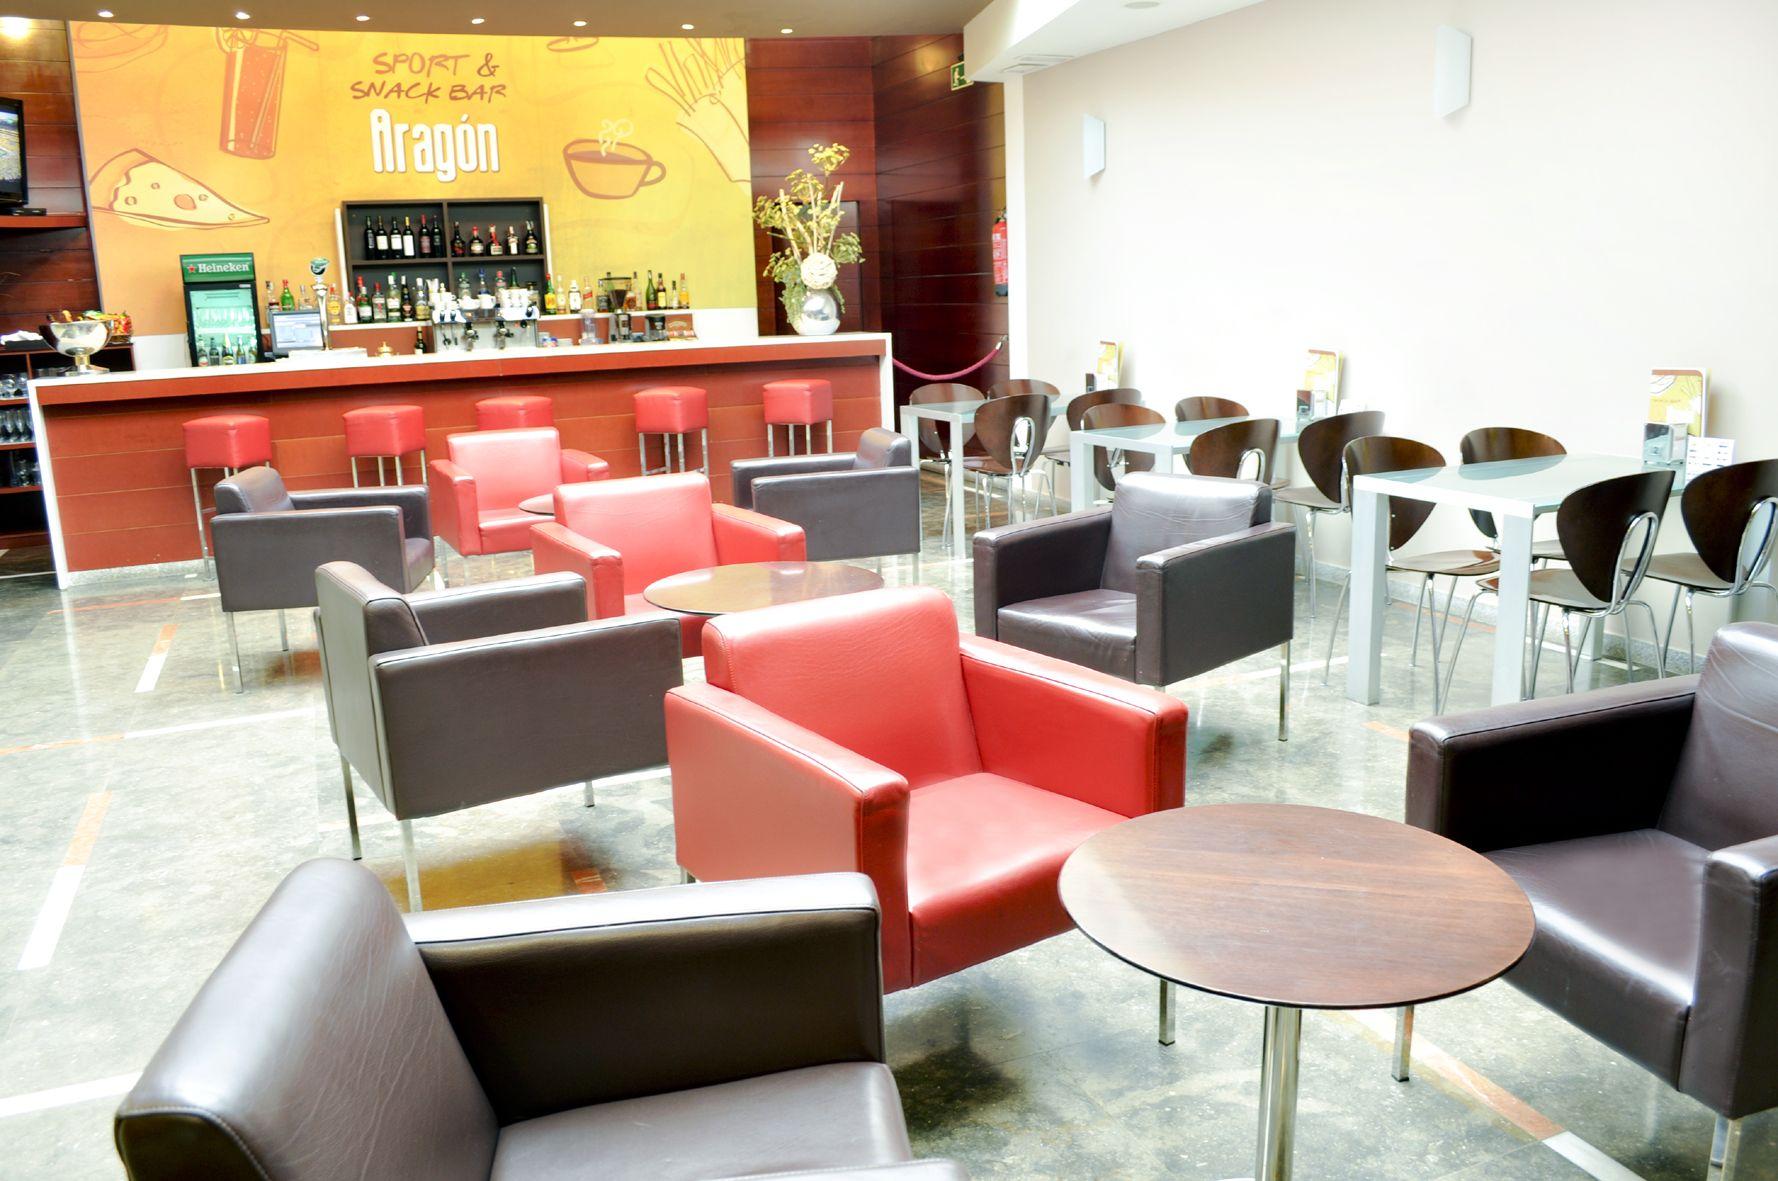 El Snack Bar del Hotel Catalonia Aragón está pensado para que tomes un respiro en tu día por Barcelona. http://www.hoteles-catalonia.com/es/nuestros_hoteles/europa/espanya/catalunya/barcelona/hotel_catalonia_aragon/index.jsp